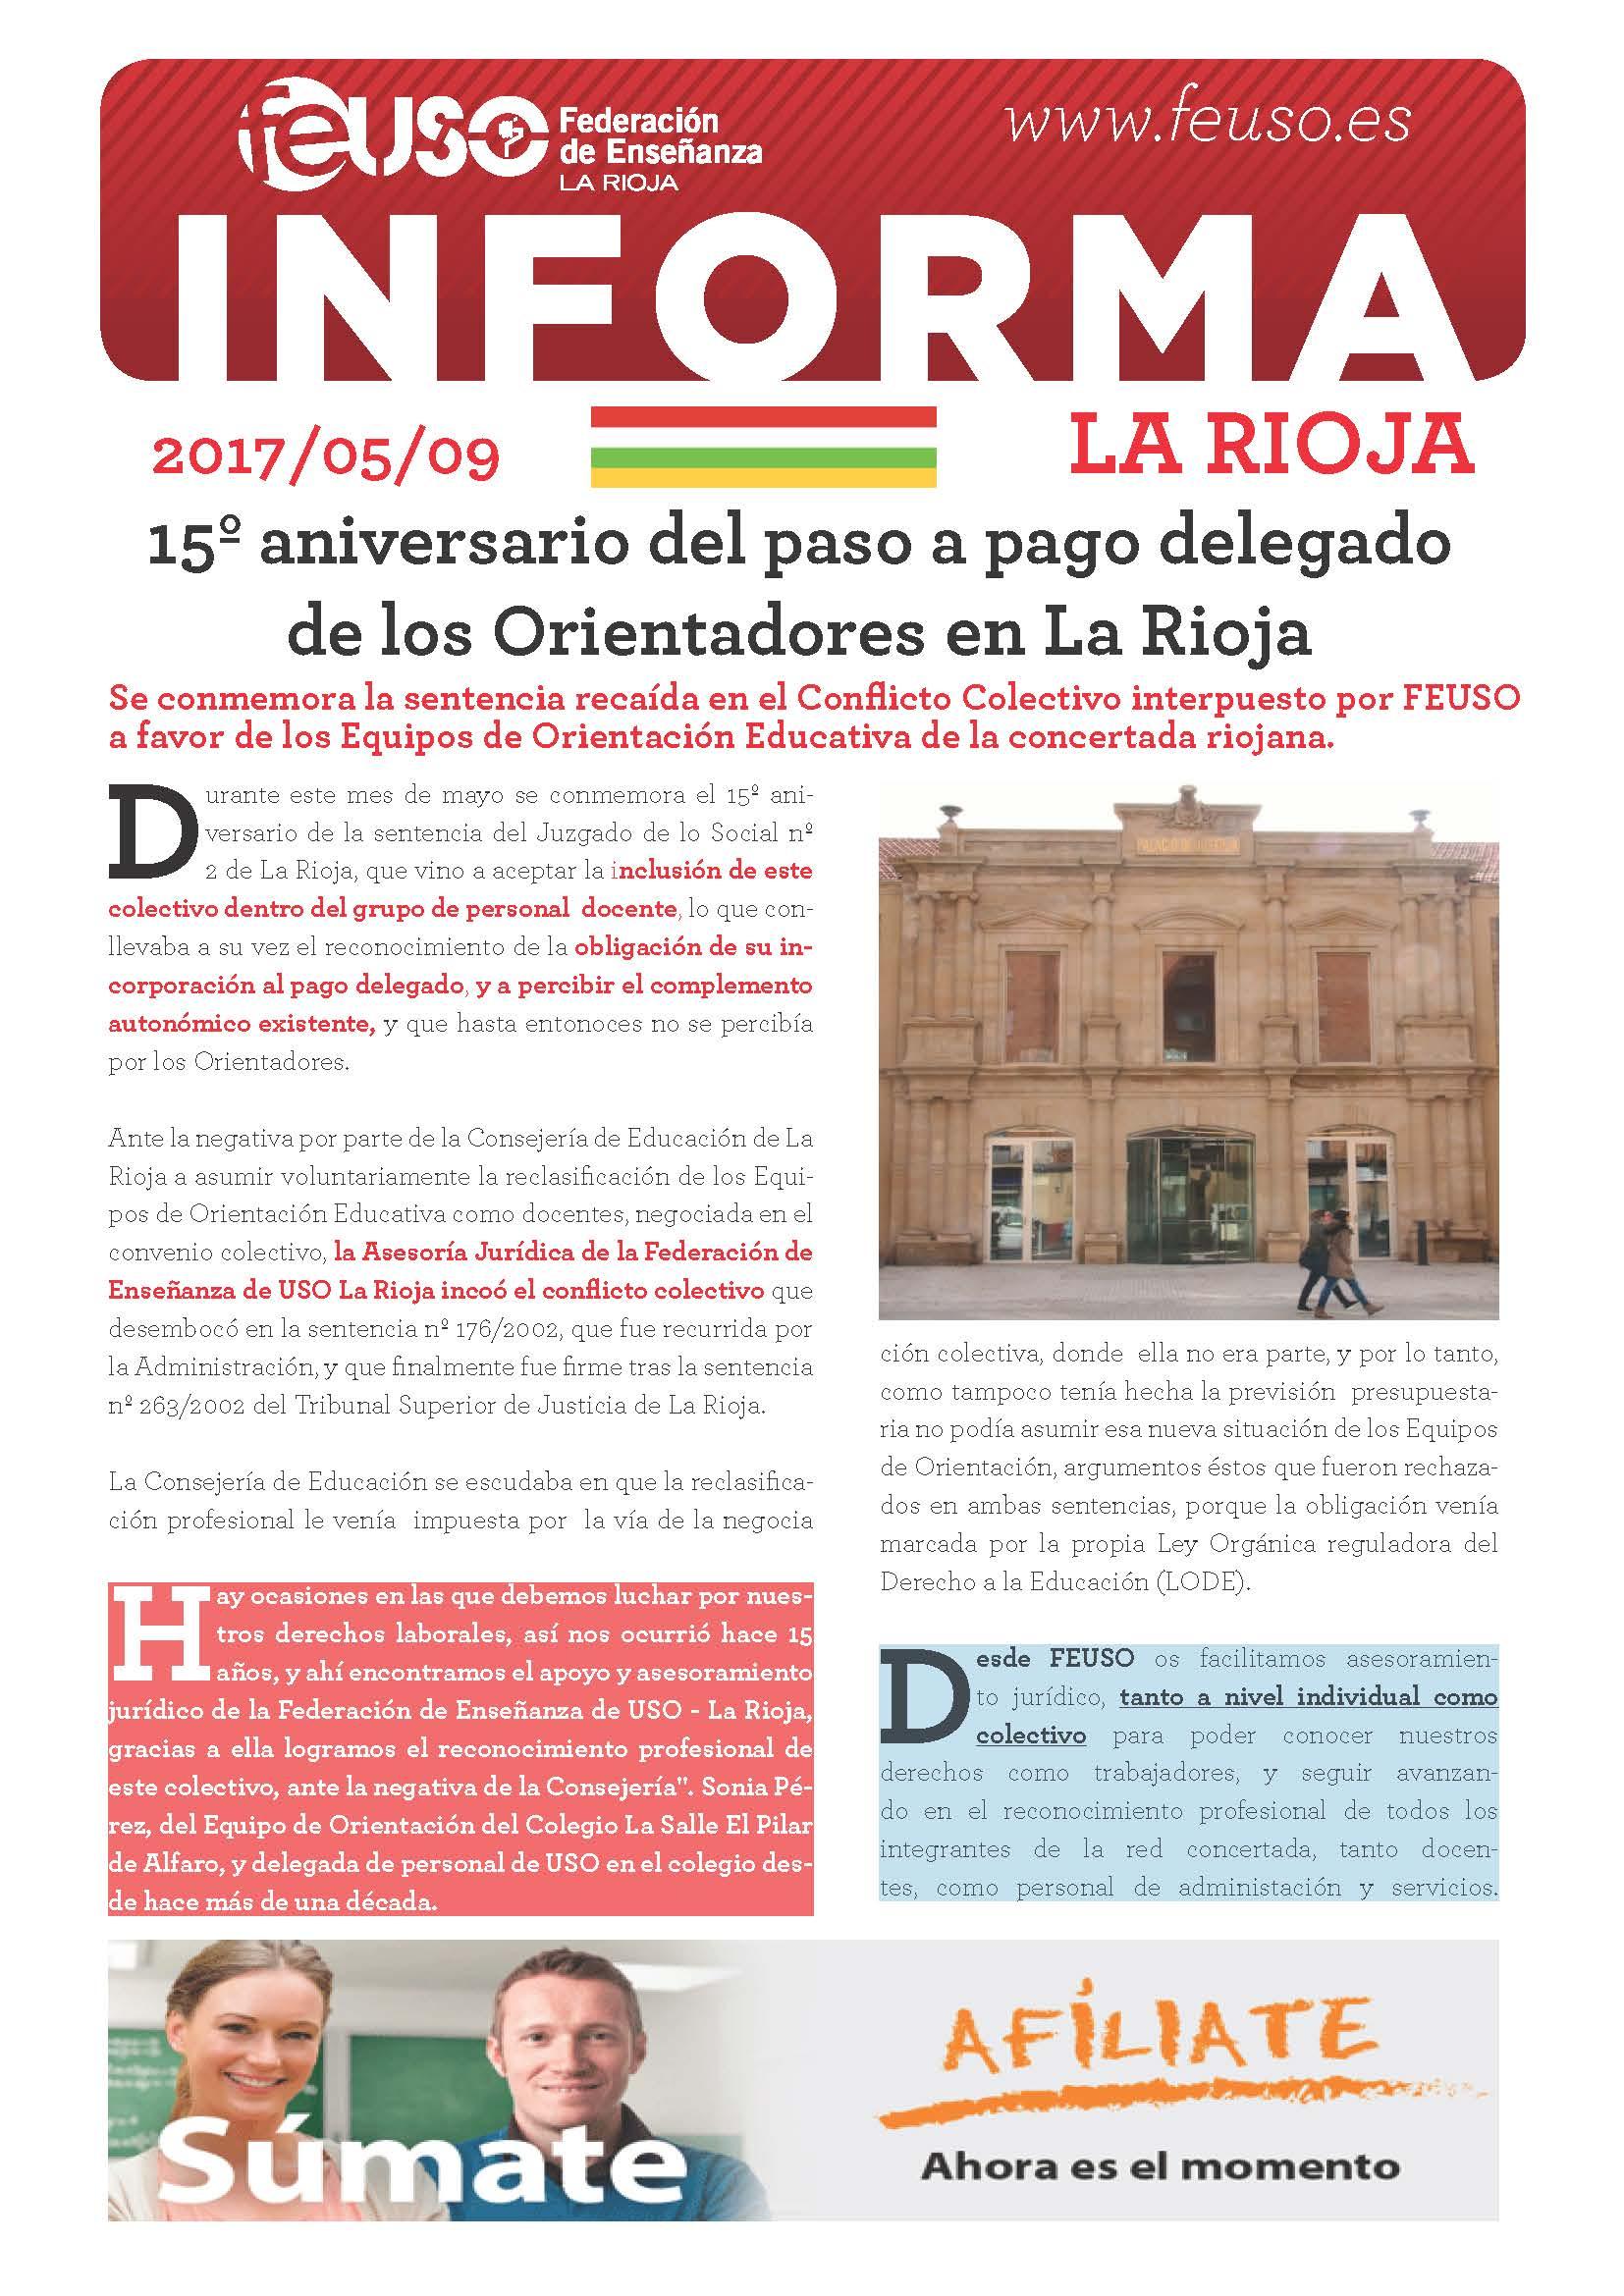 FEUSO INFORMA LA RIOJA 20170509 ORIENTADORES 1